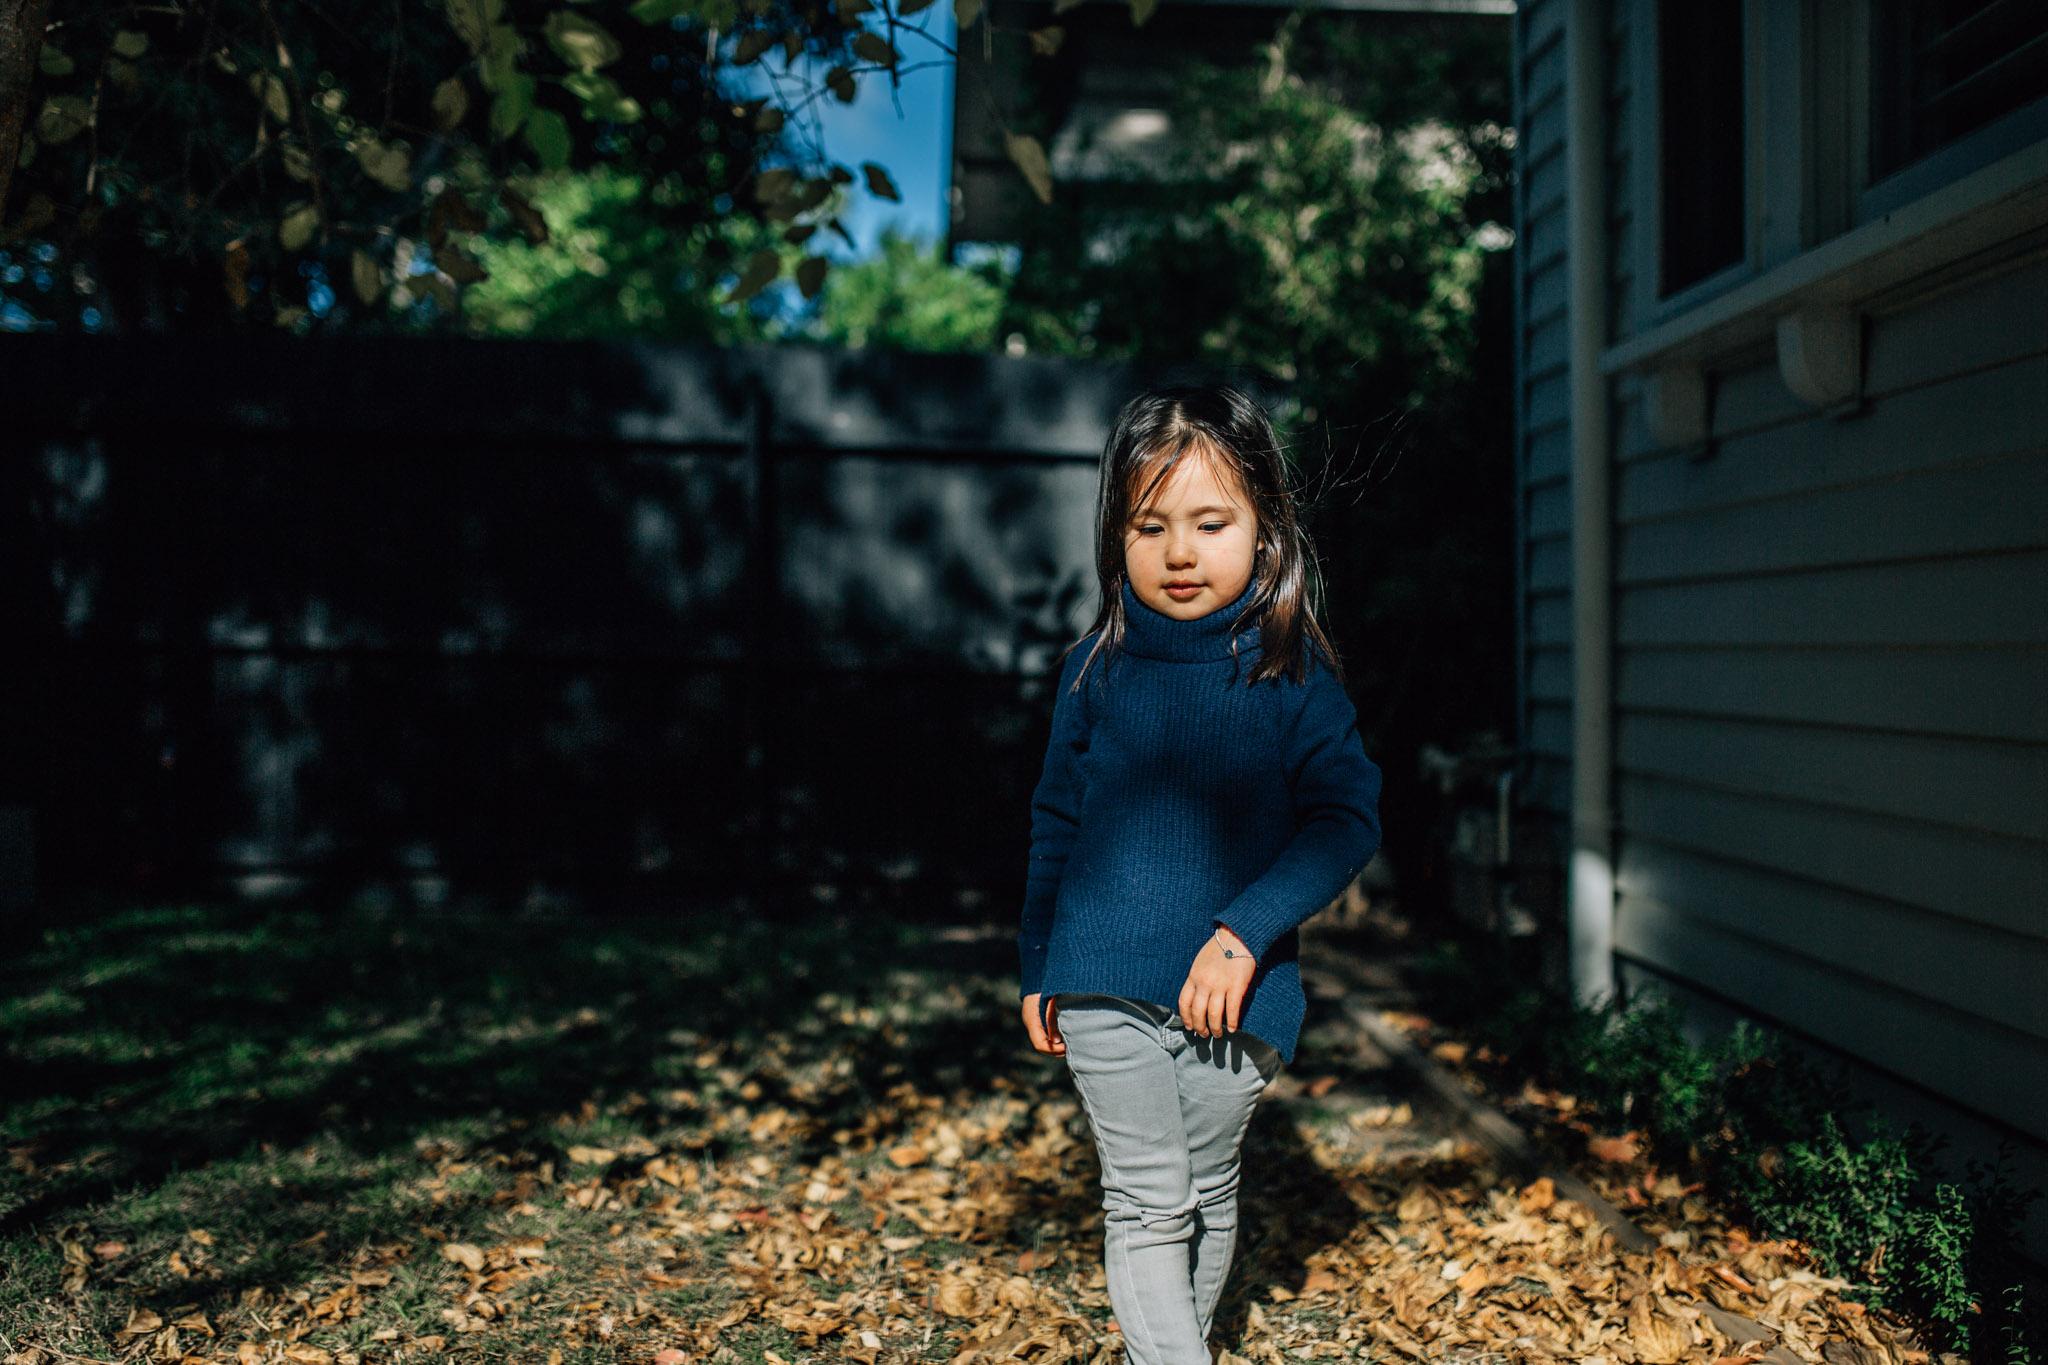 little-girl-in-front-garden (1 of 1).jpg